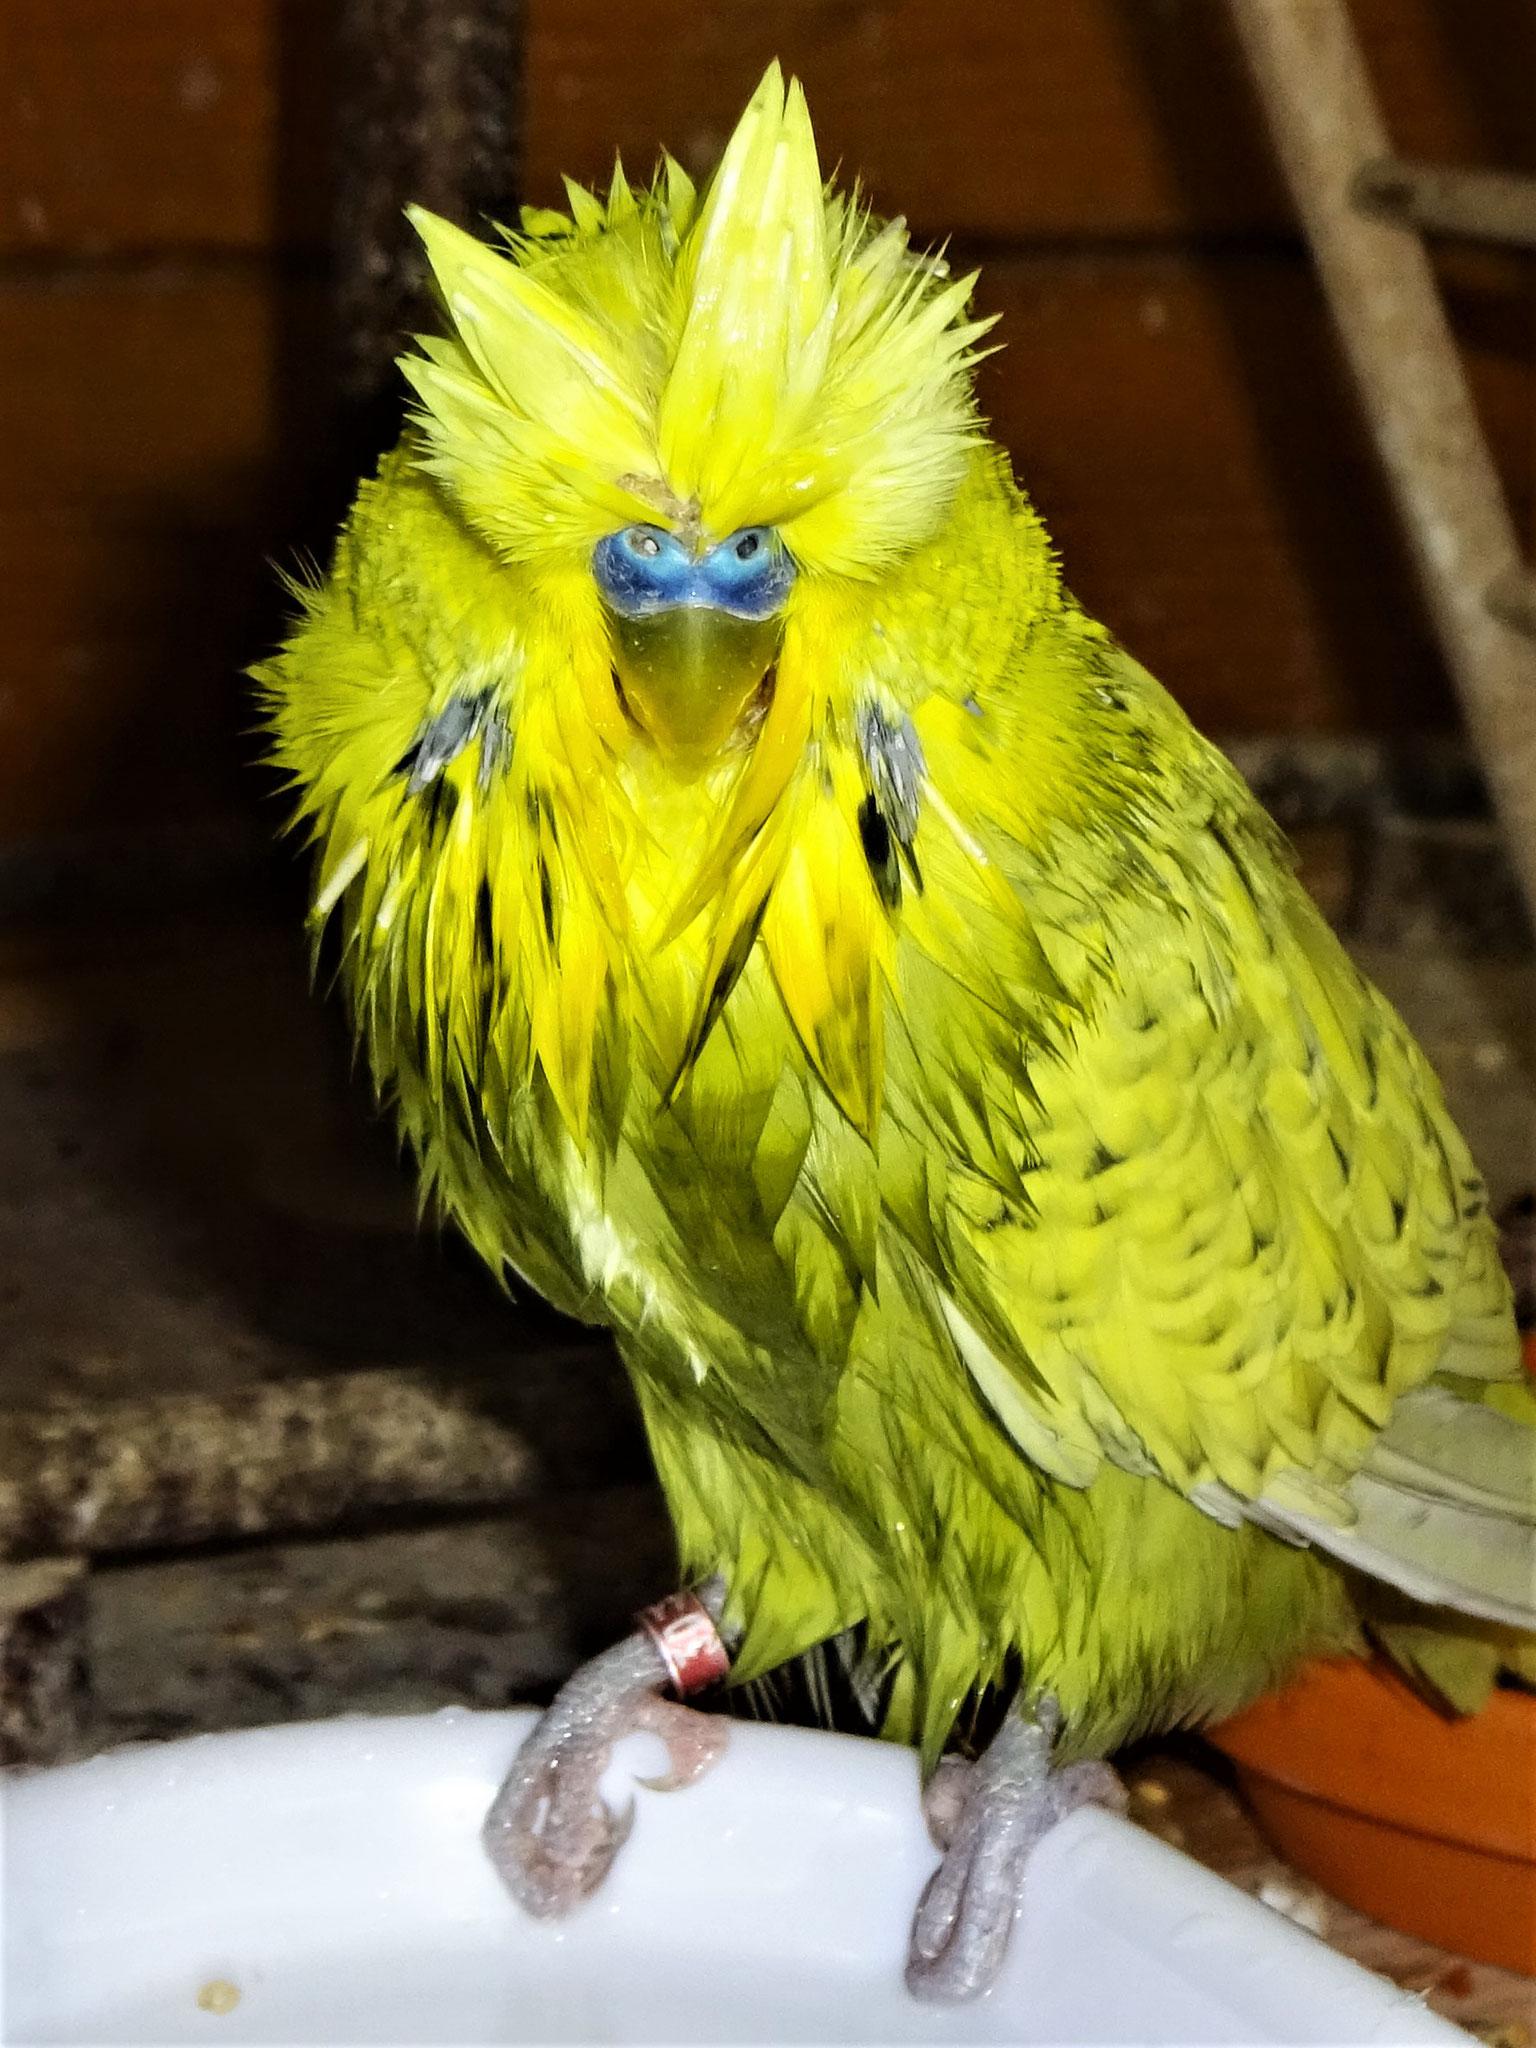 ...coole Frisur, oder? ...  ;-)))